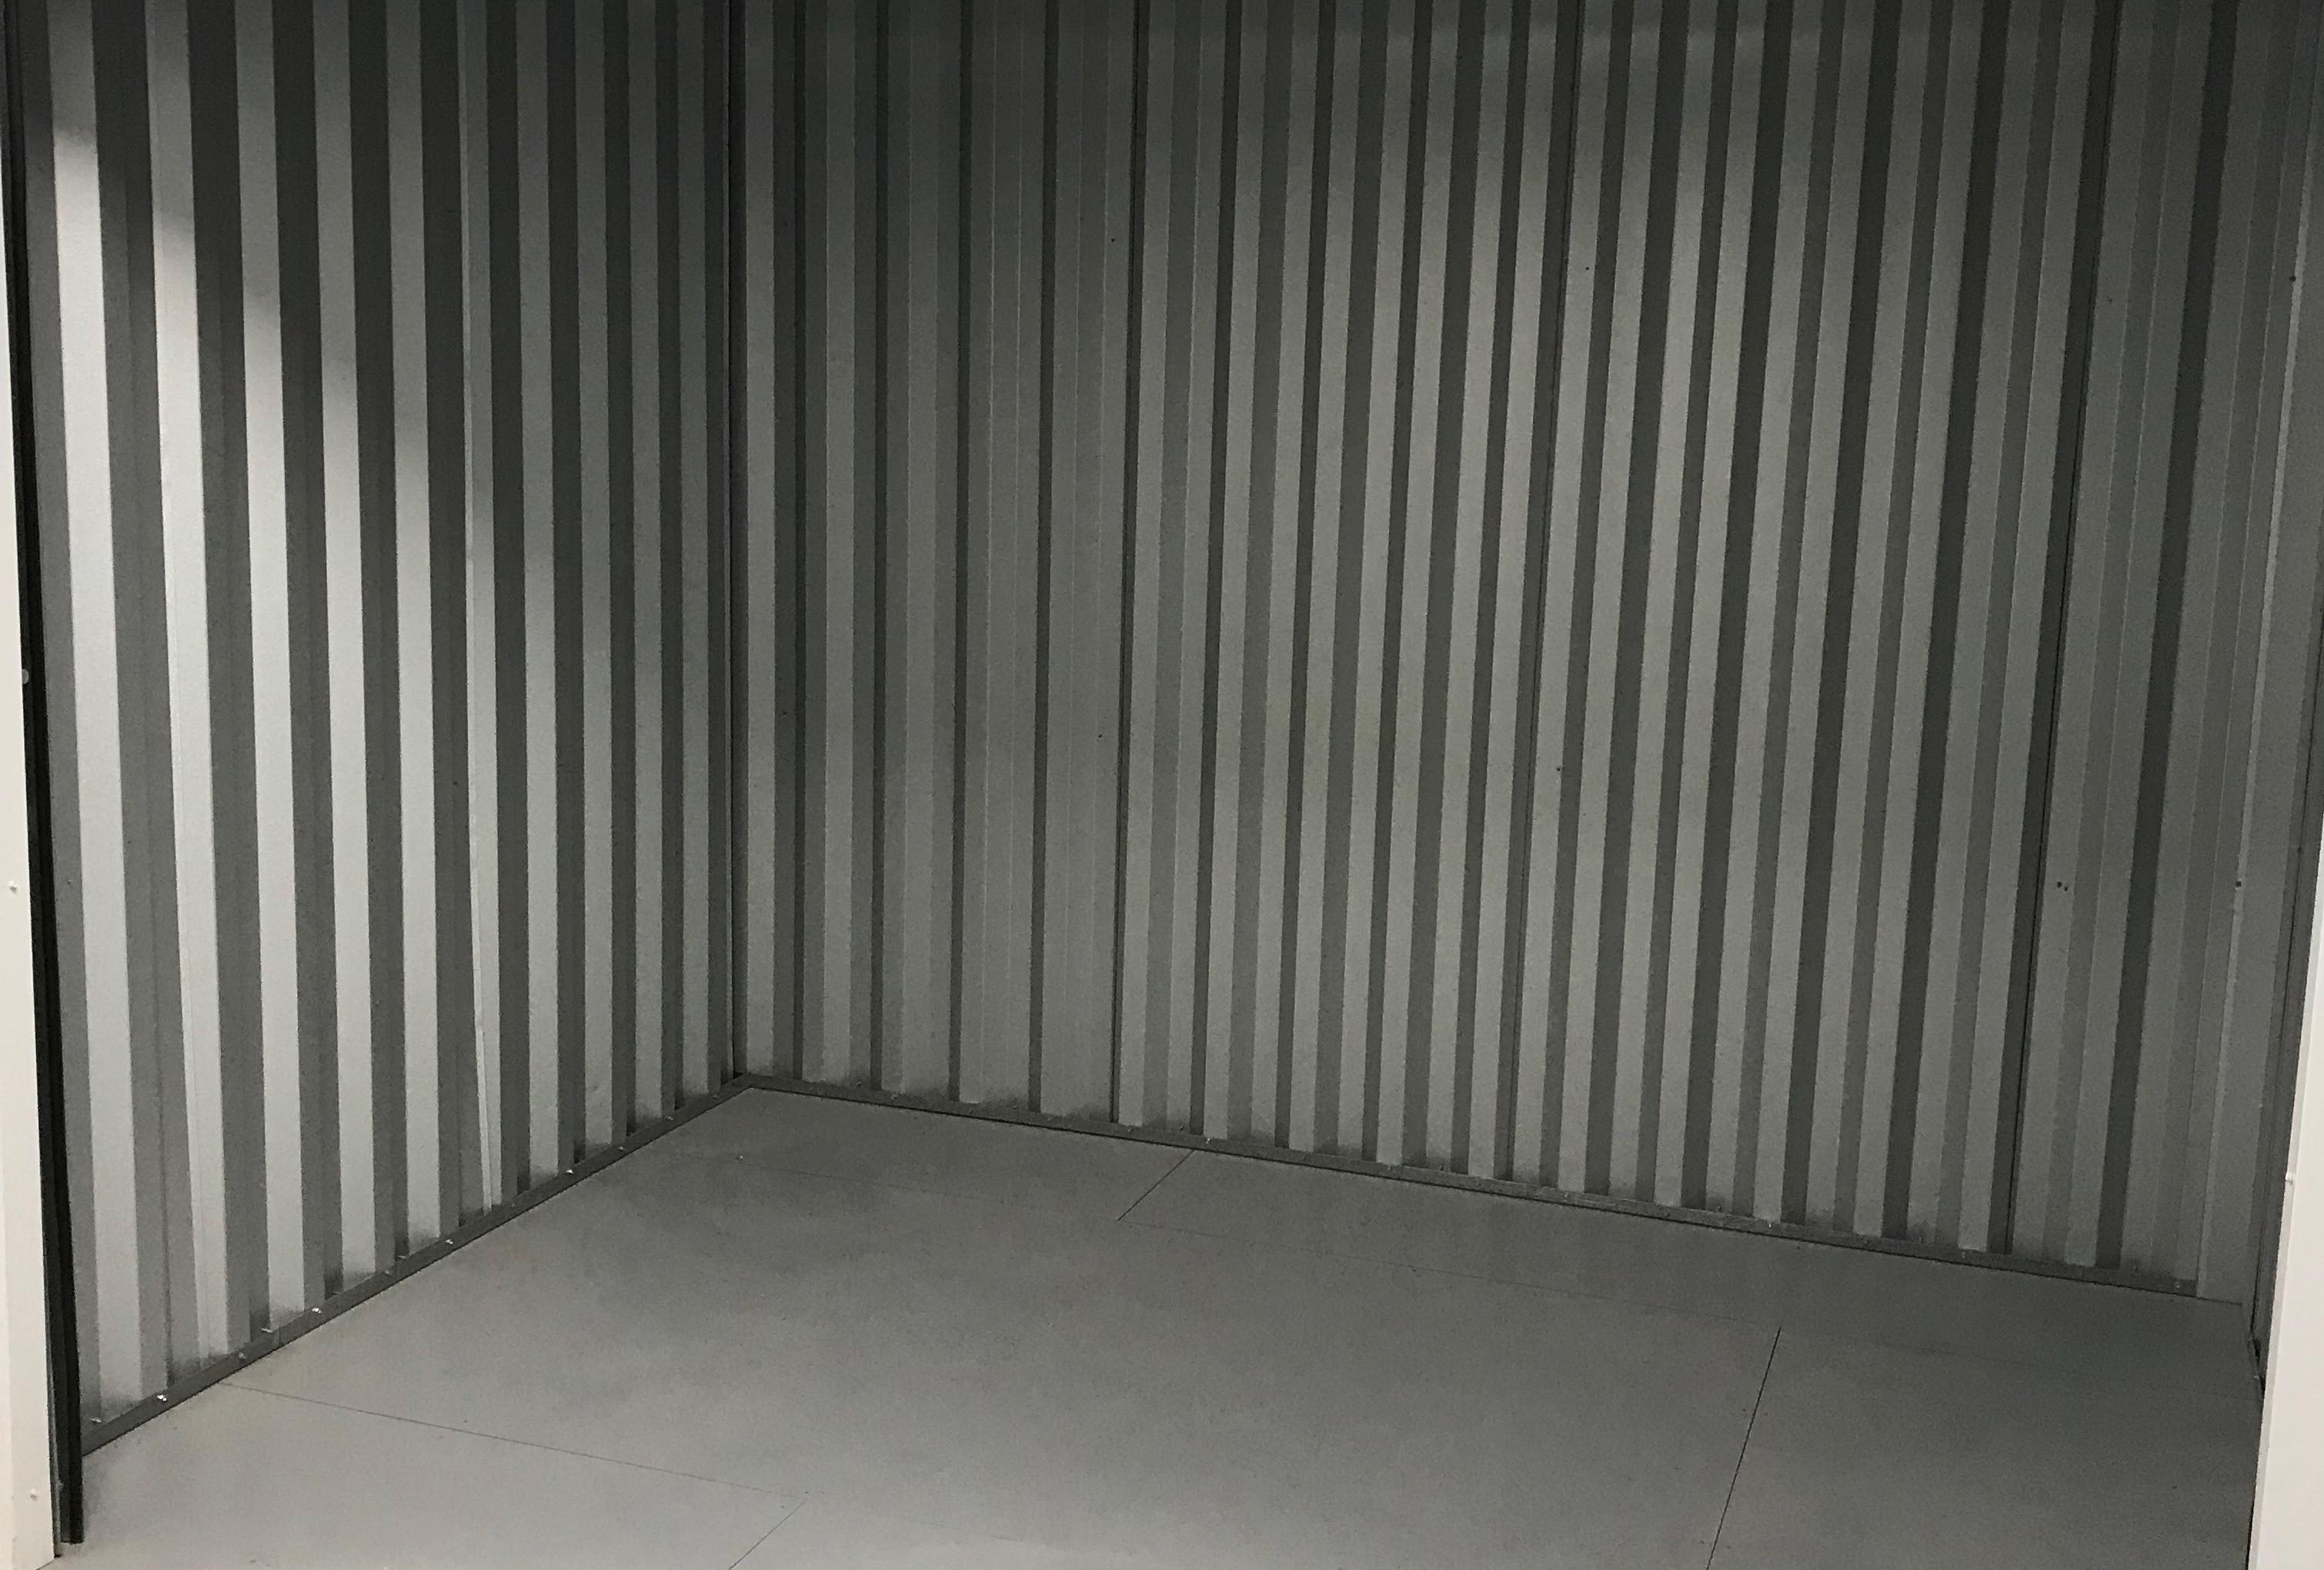 storage units photo of inside contruction